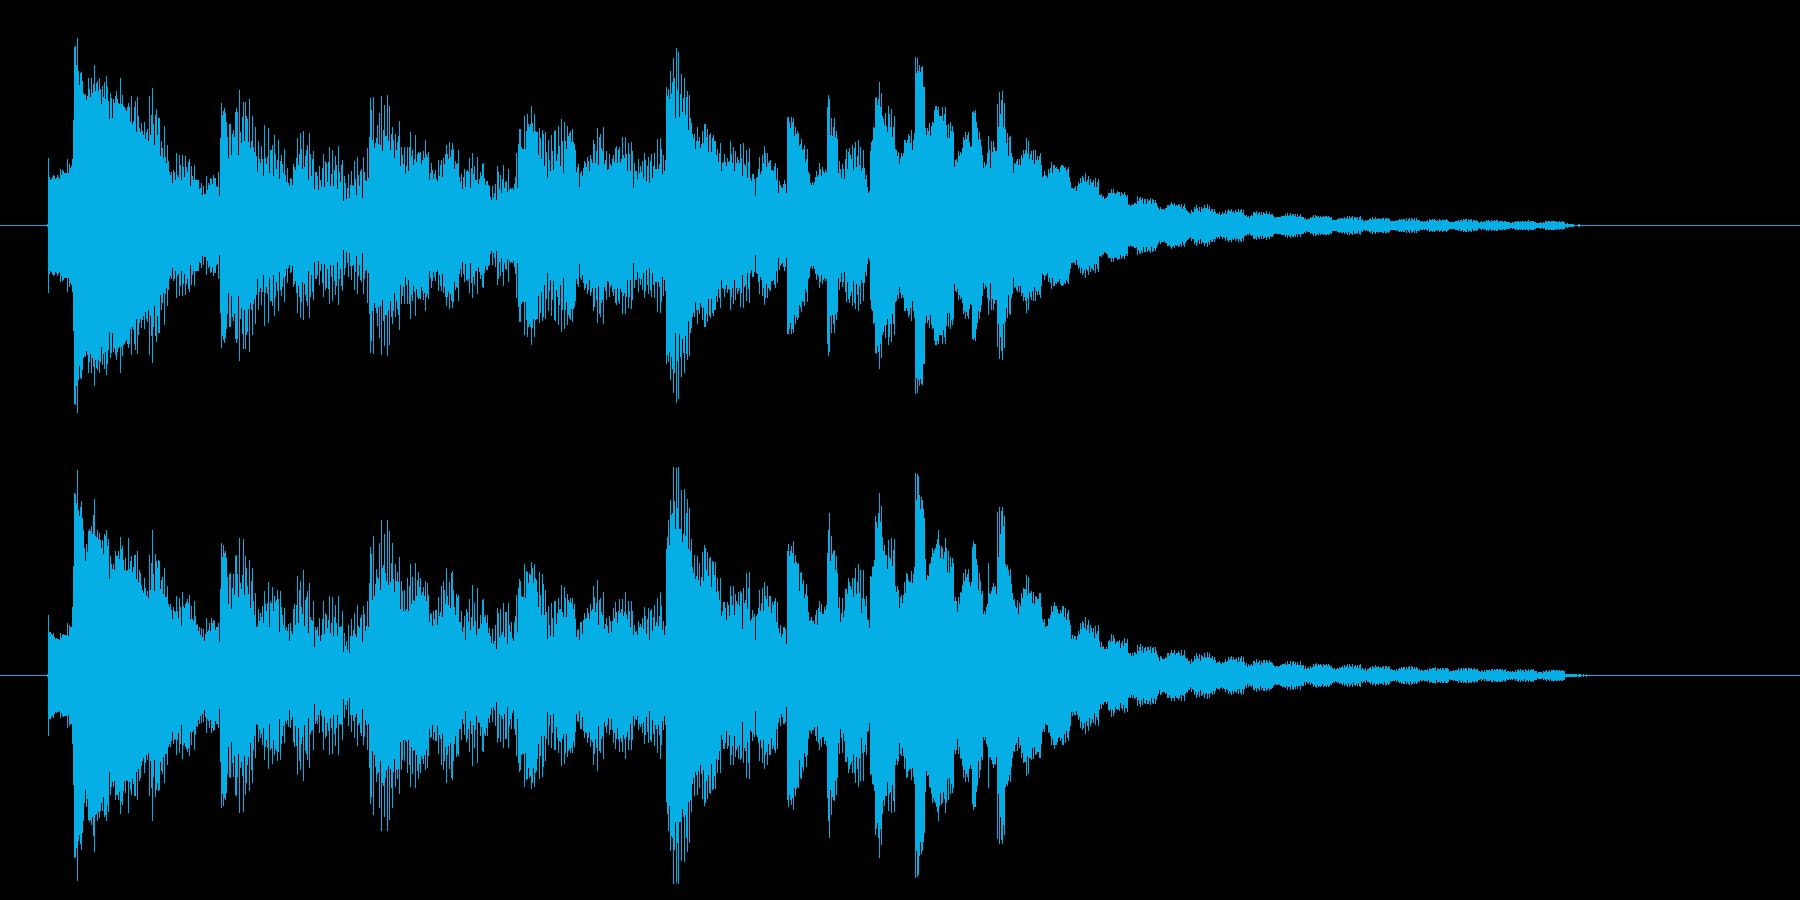 眠りを連想させる穏やかなジングル1の再生済みの波形